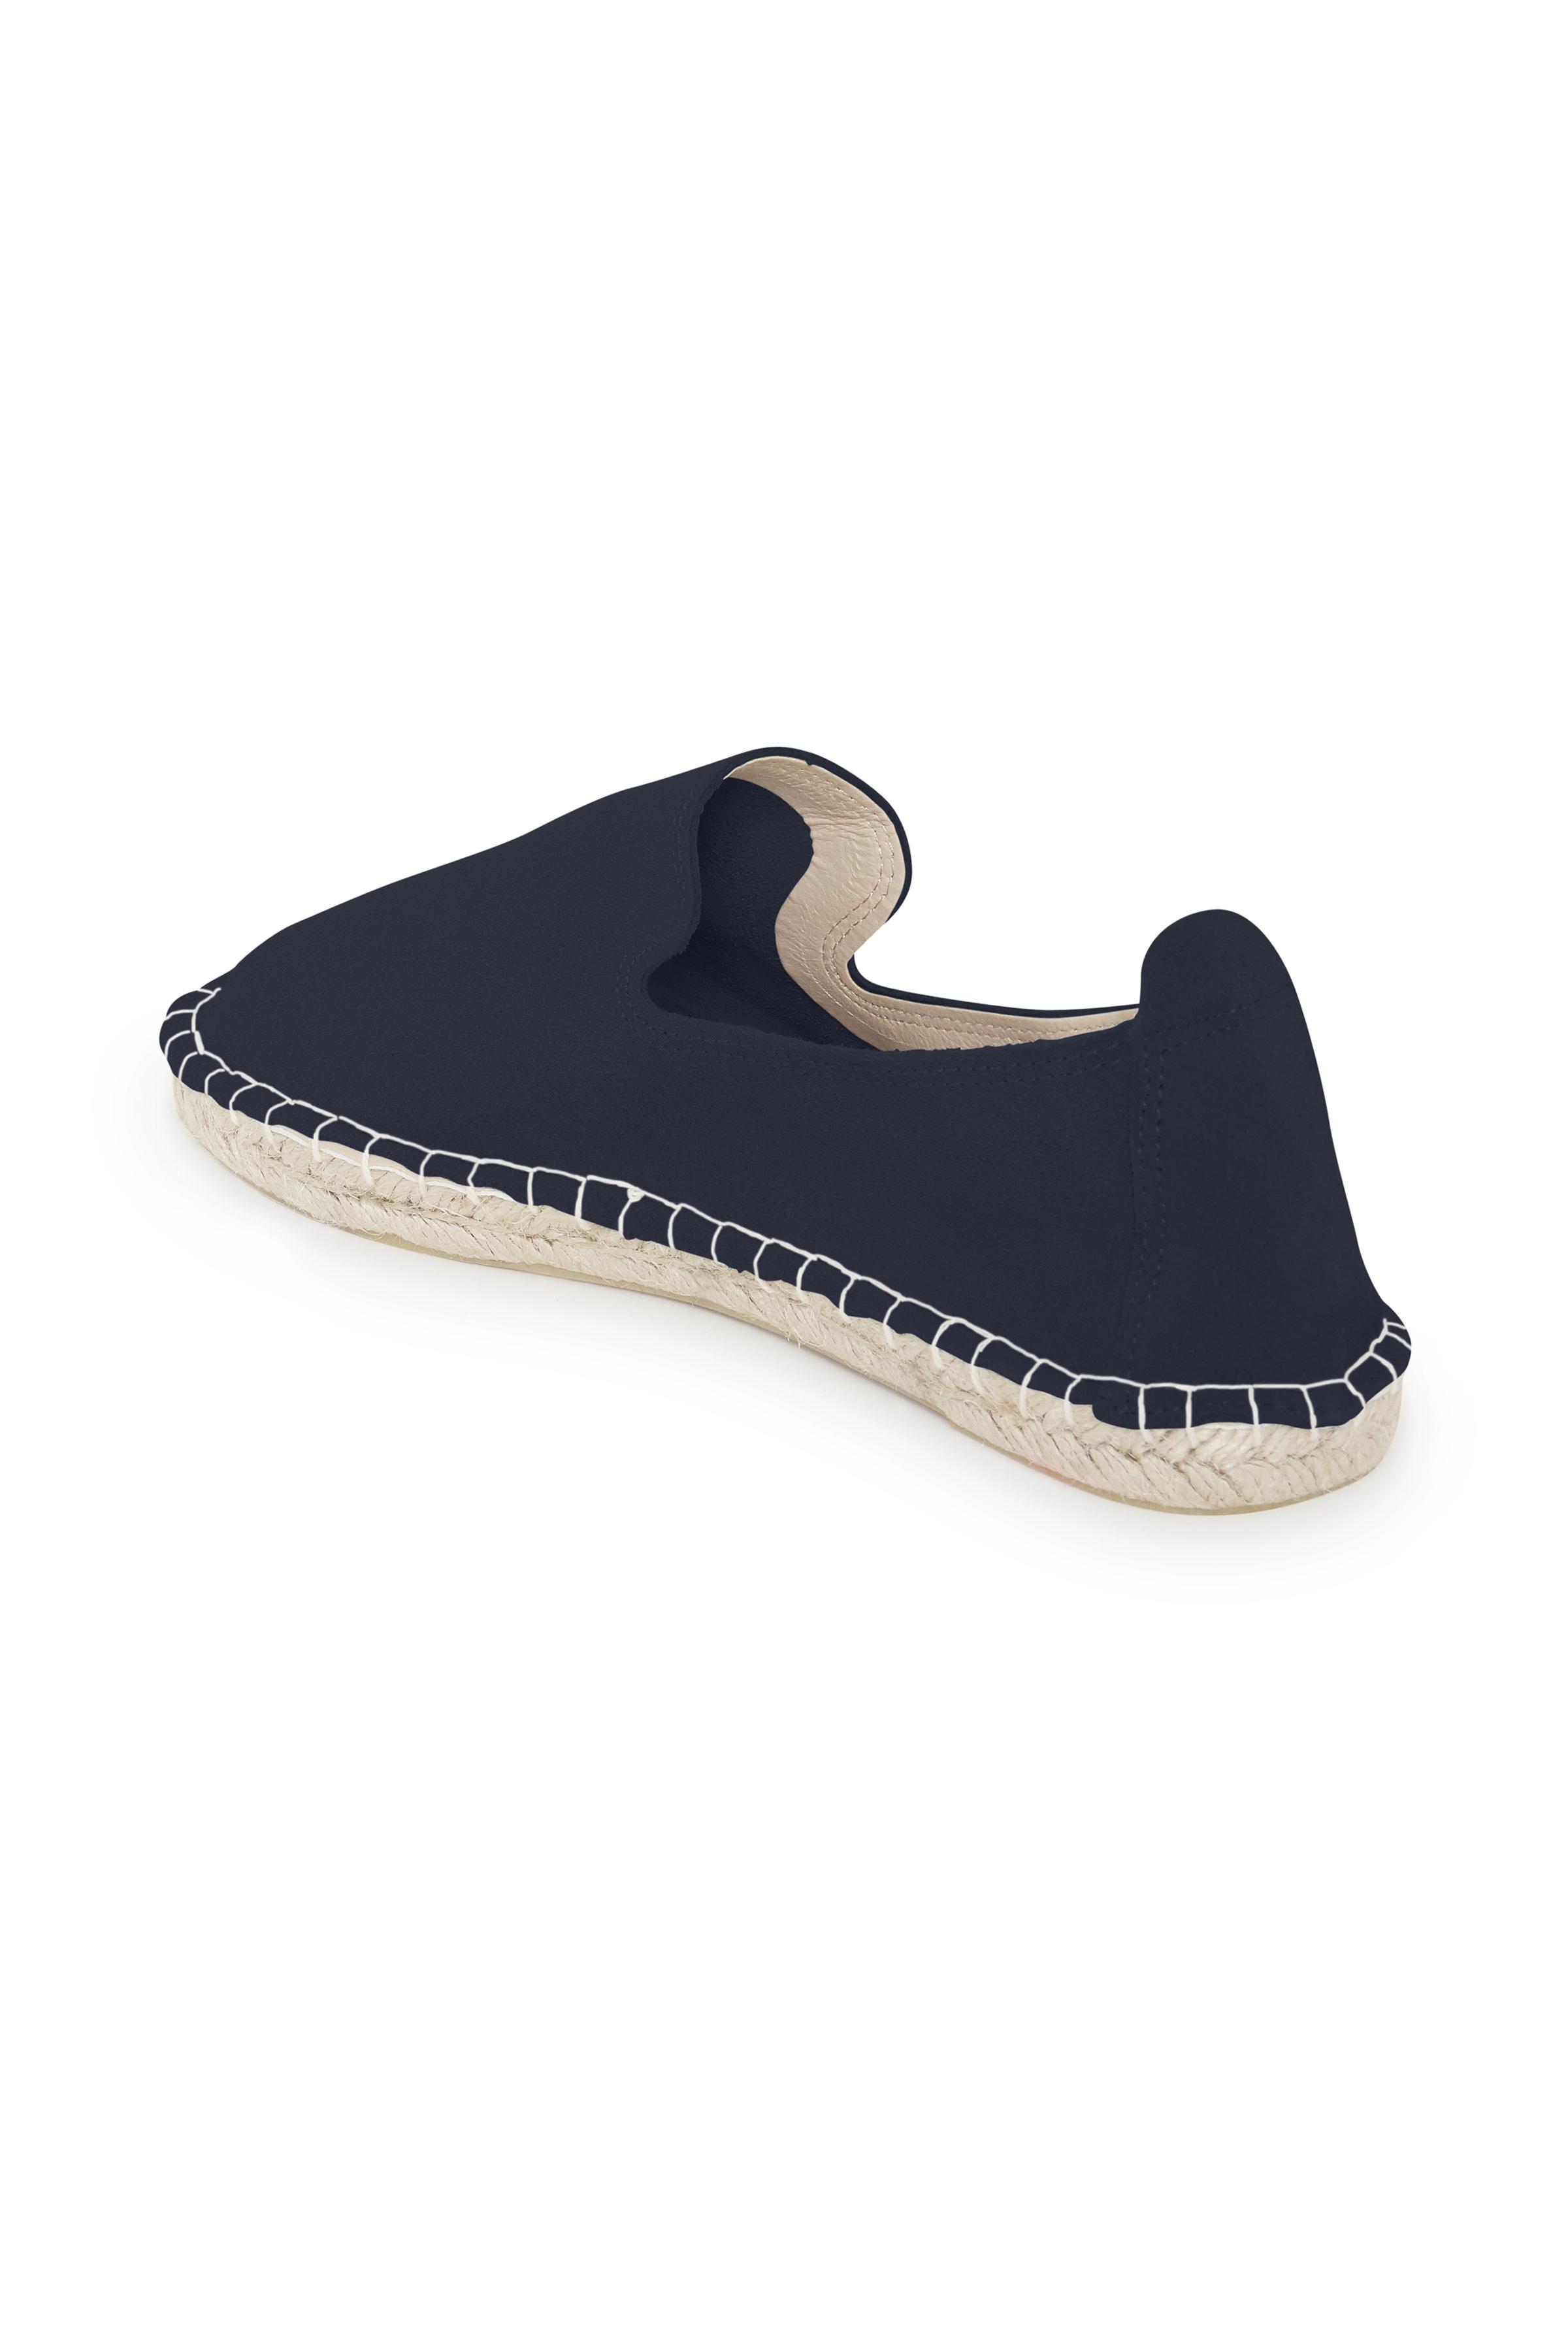 Mörkblå Skinnskor från Ichi - accessories – Köp Mörkblå Skinnskor från stl. 36-42 här